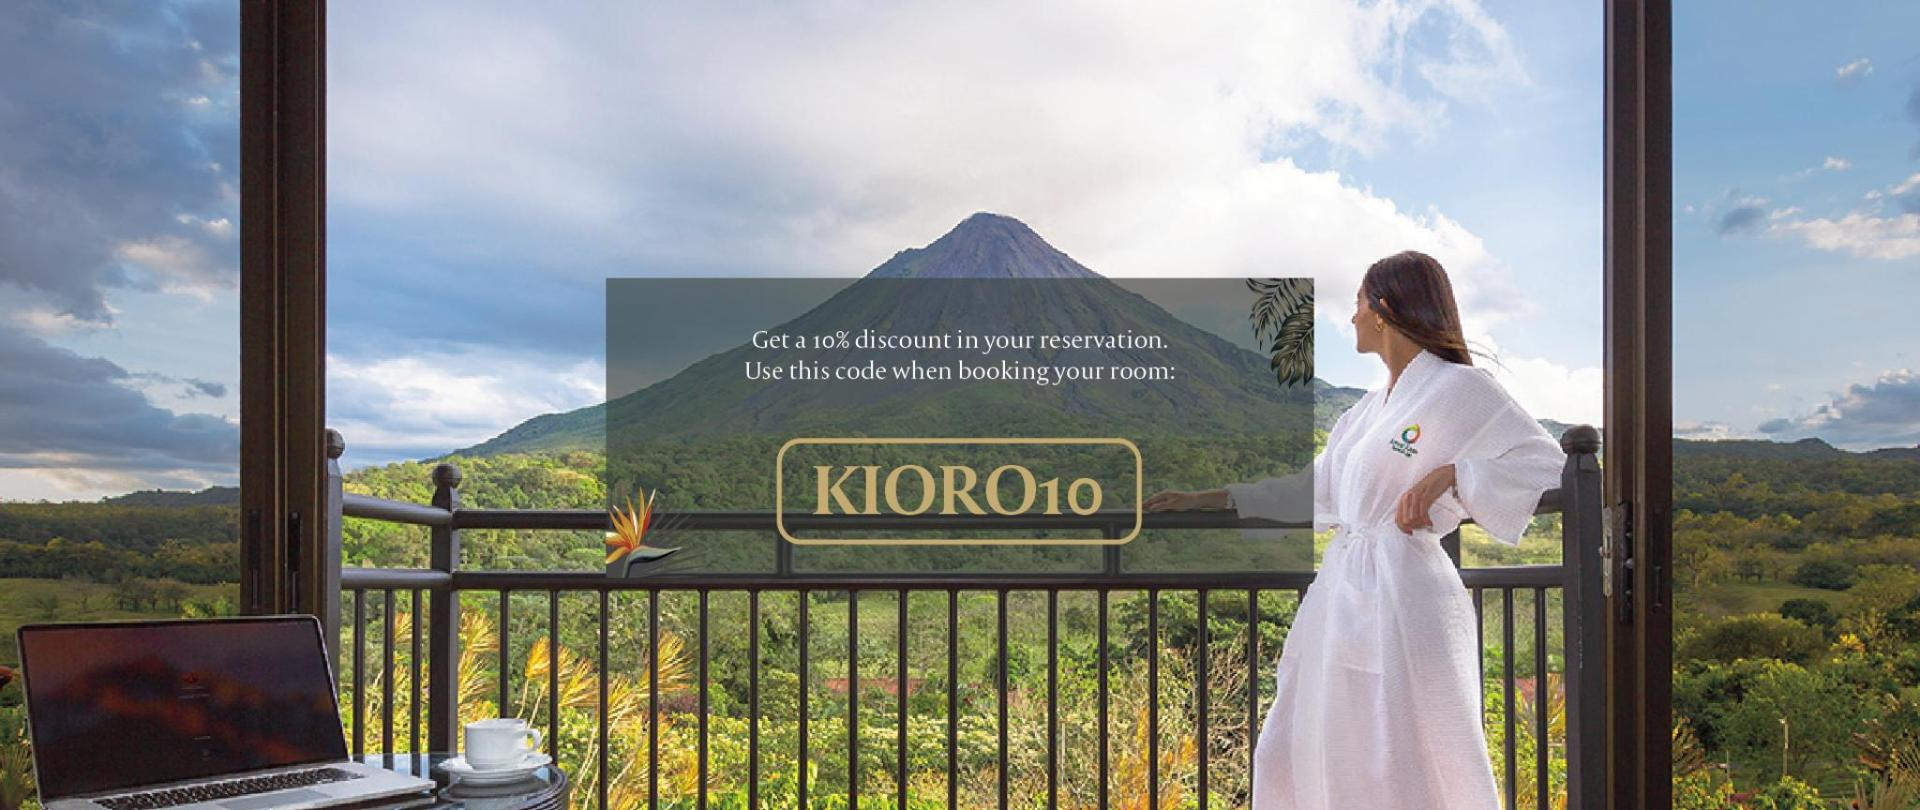 Kioro-Fotos Web-01.jpg